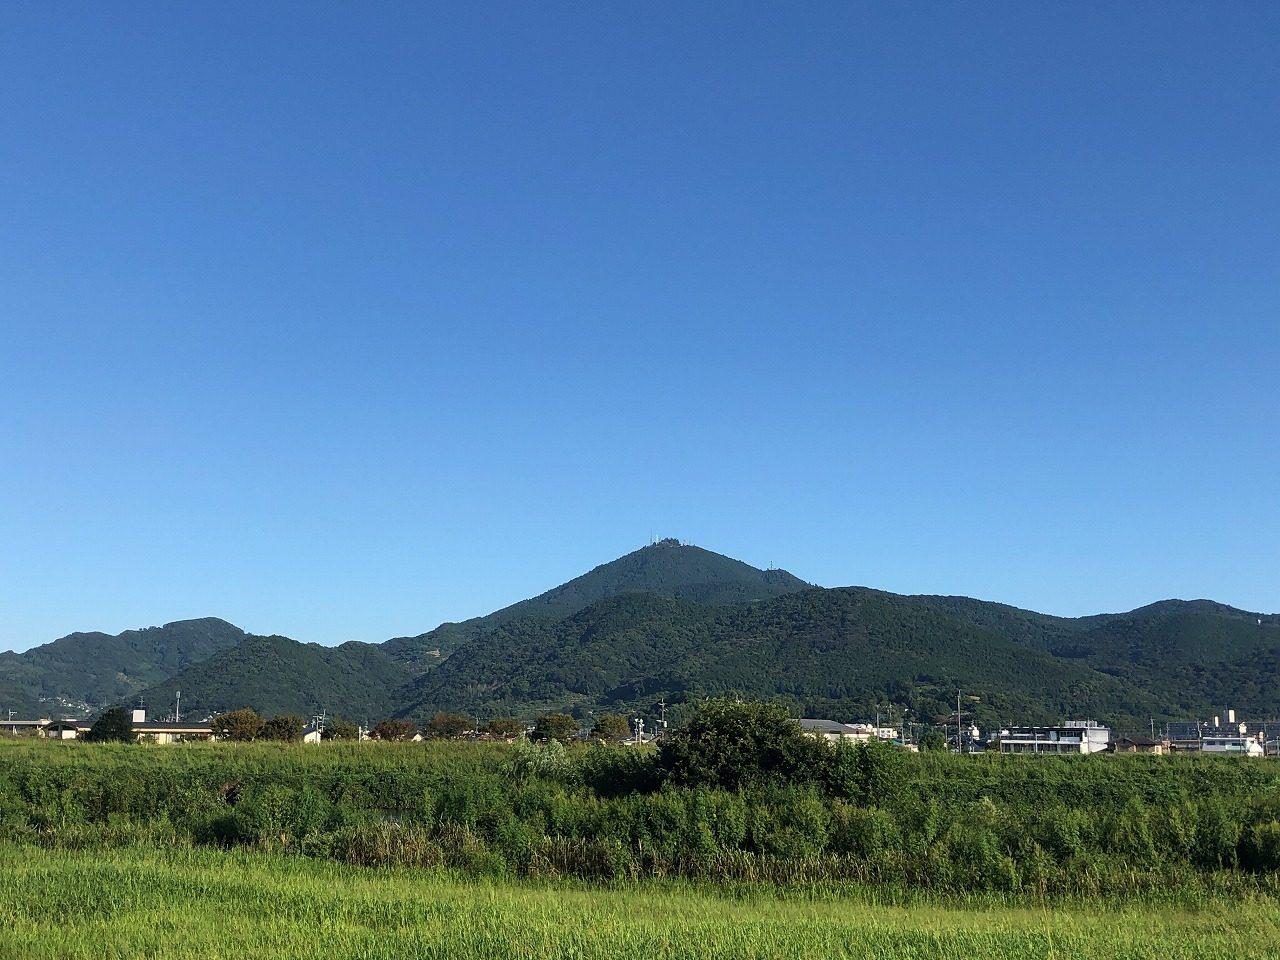 2019.9.17今朝の金峰山です。